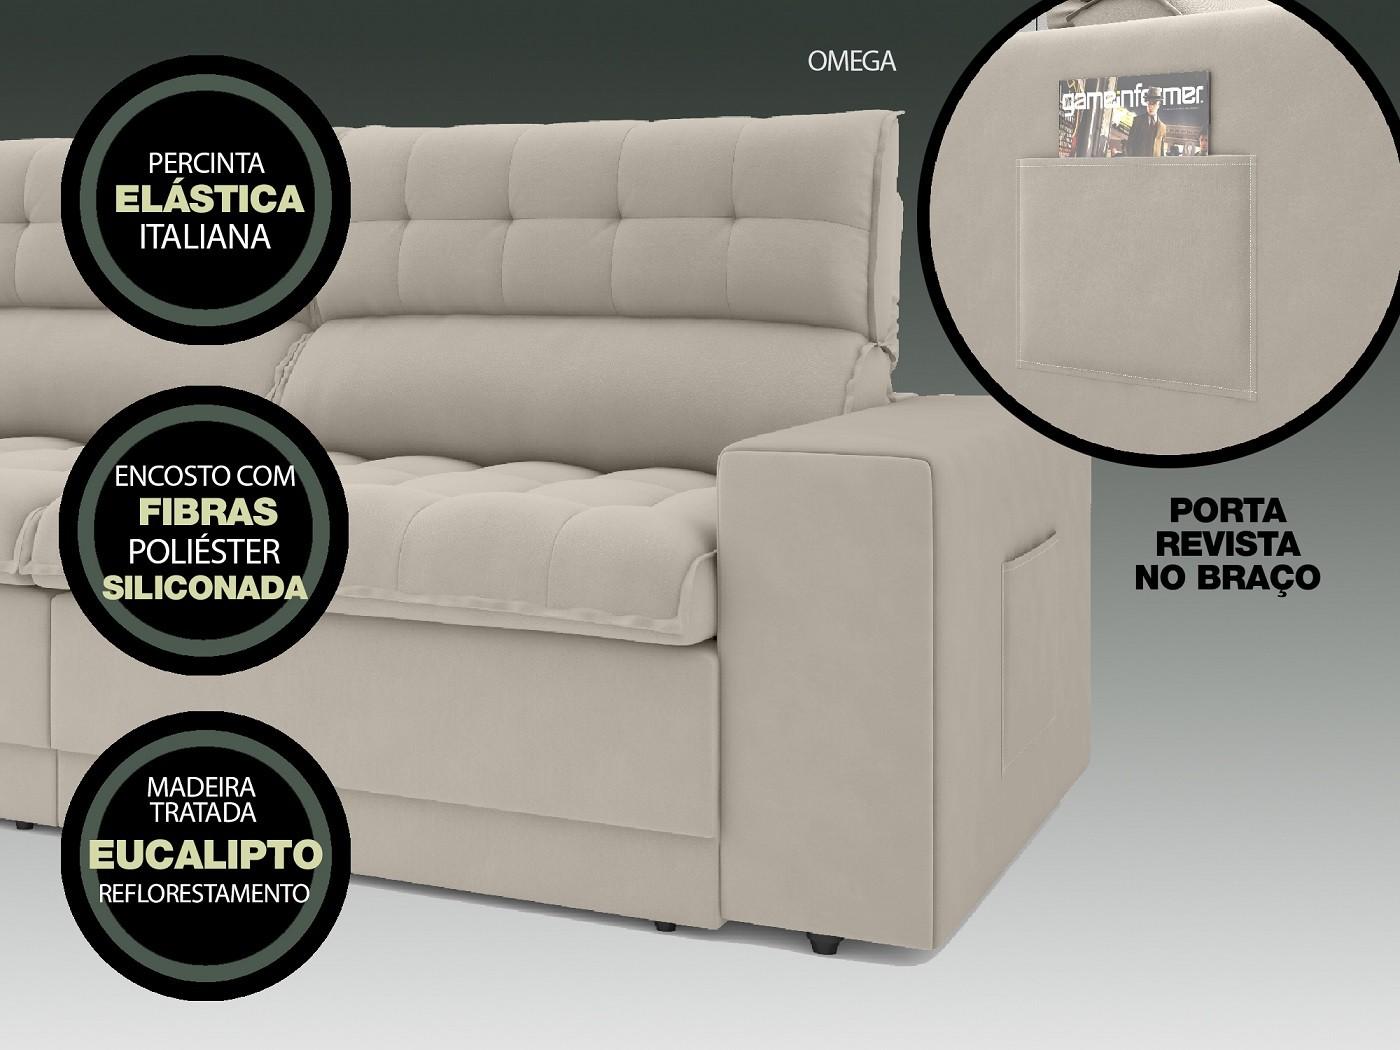 Sofá Omega 2,50m Assento Retrátil e Reclinável Velosuede Areia - NETSOFAS  - NETSOFÁS